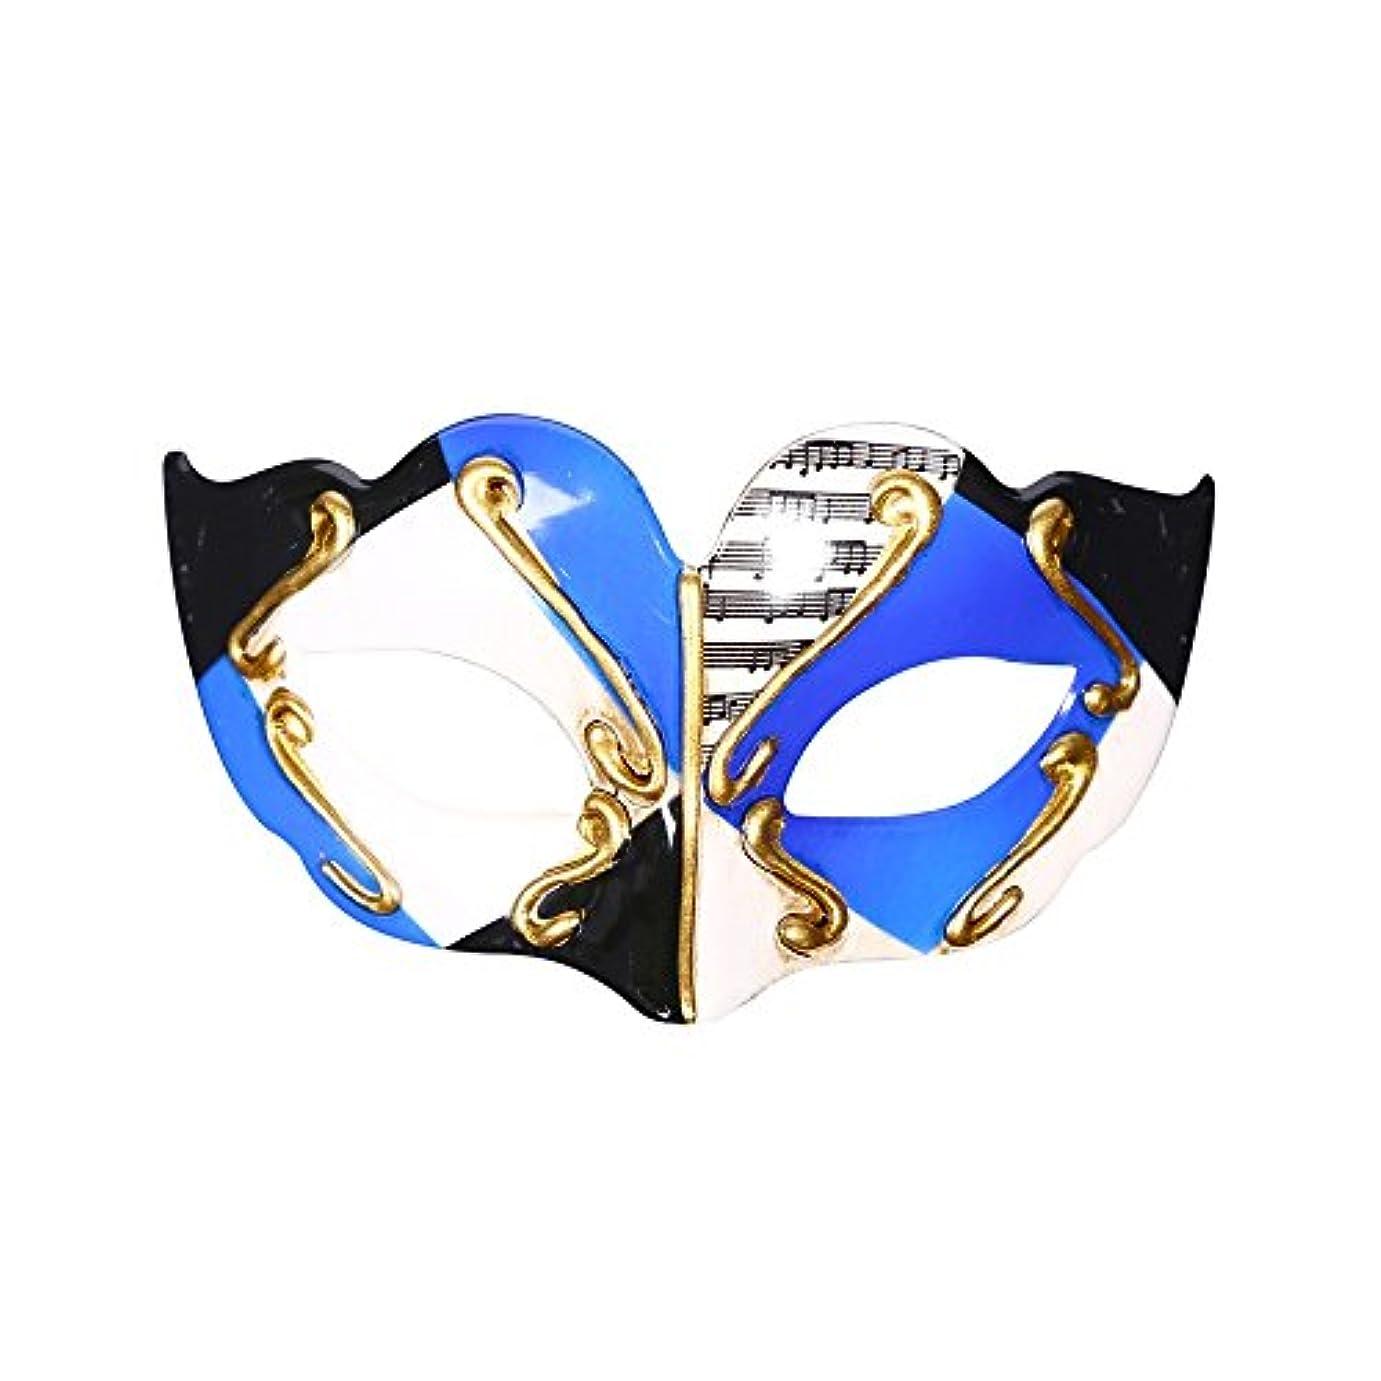 ランデブーアナロジー避難ハロウィーン仮装マスクフラットヘッドハーフフェイスハードプラスチック子供用マスク (Color : #2)